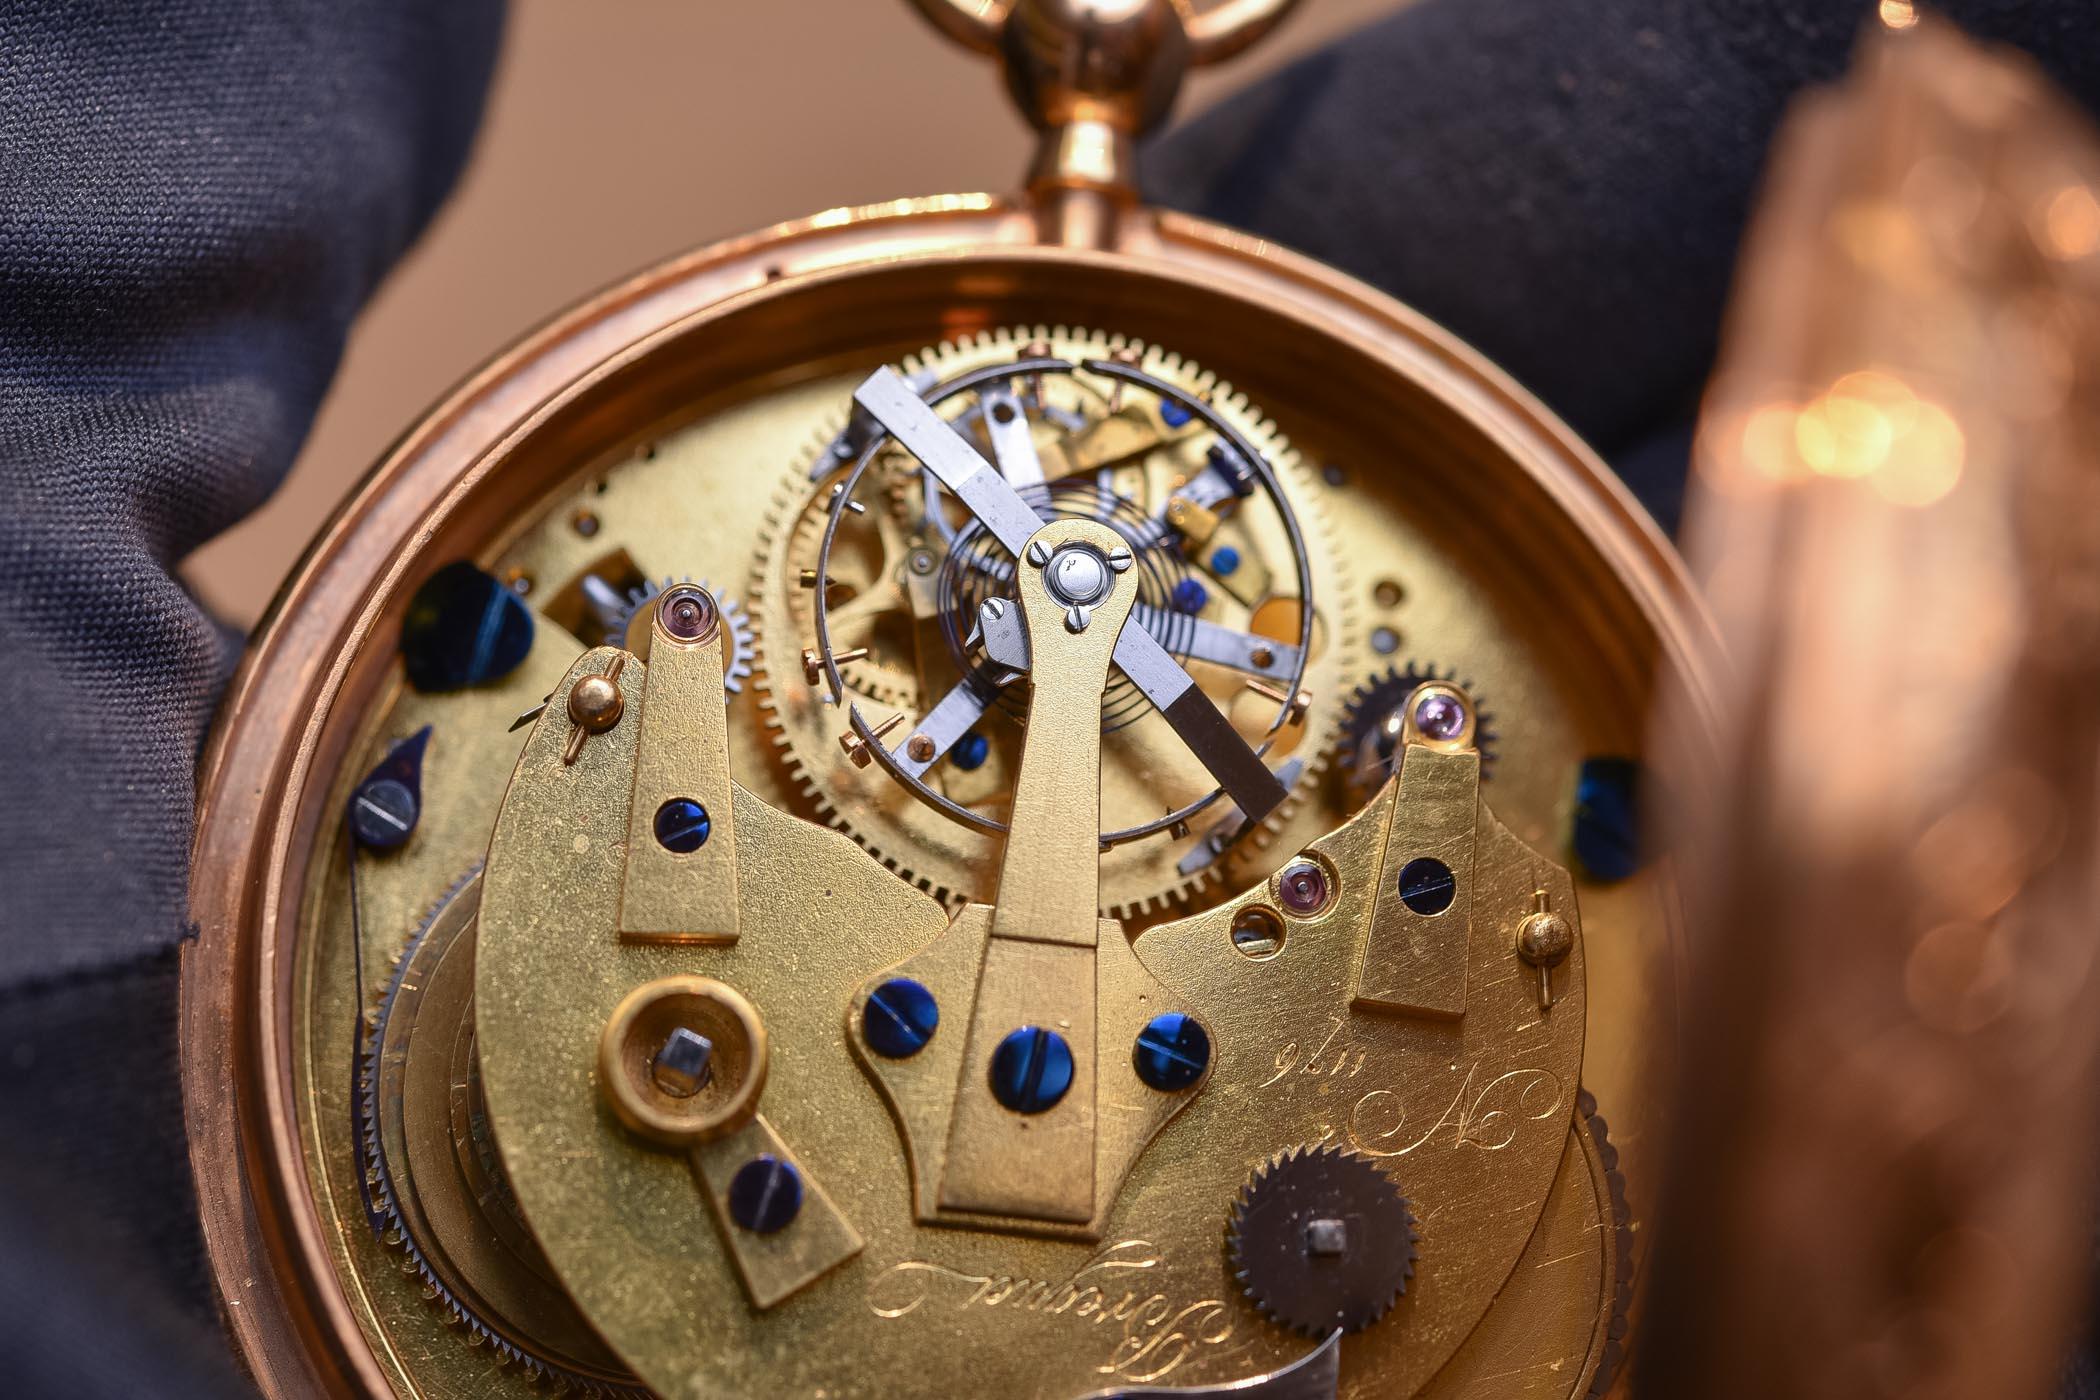 Breguet Tourbillon pocket watch No 1176